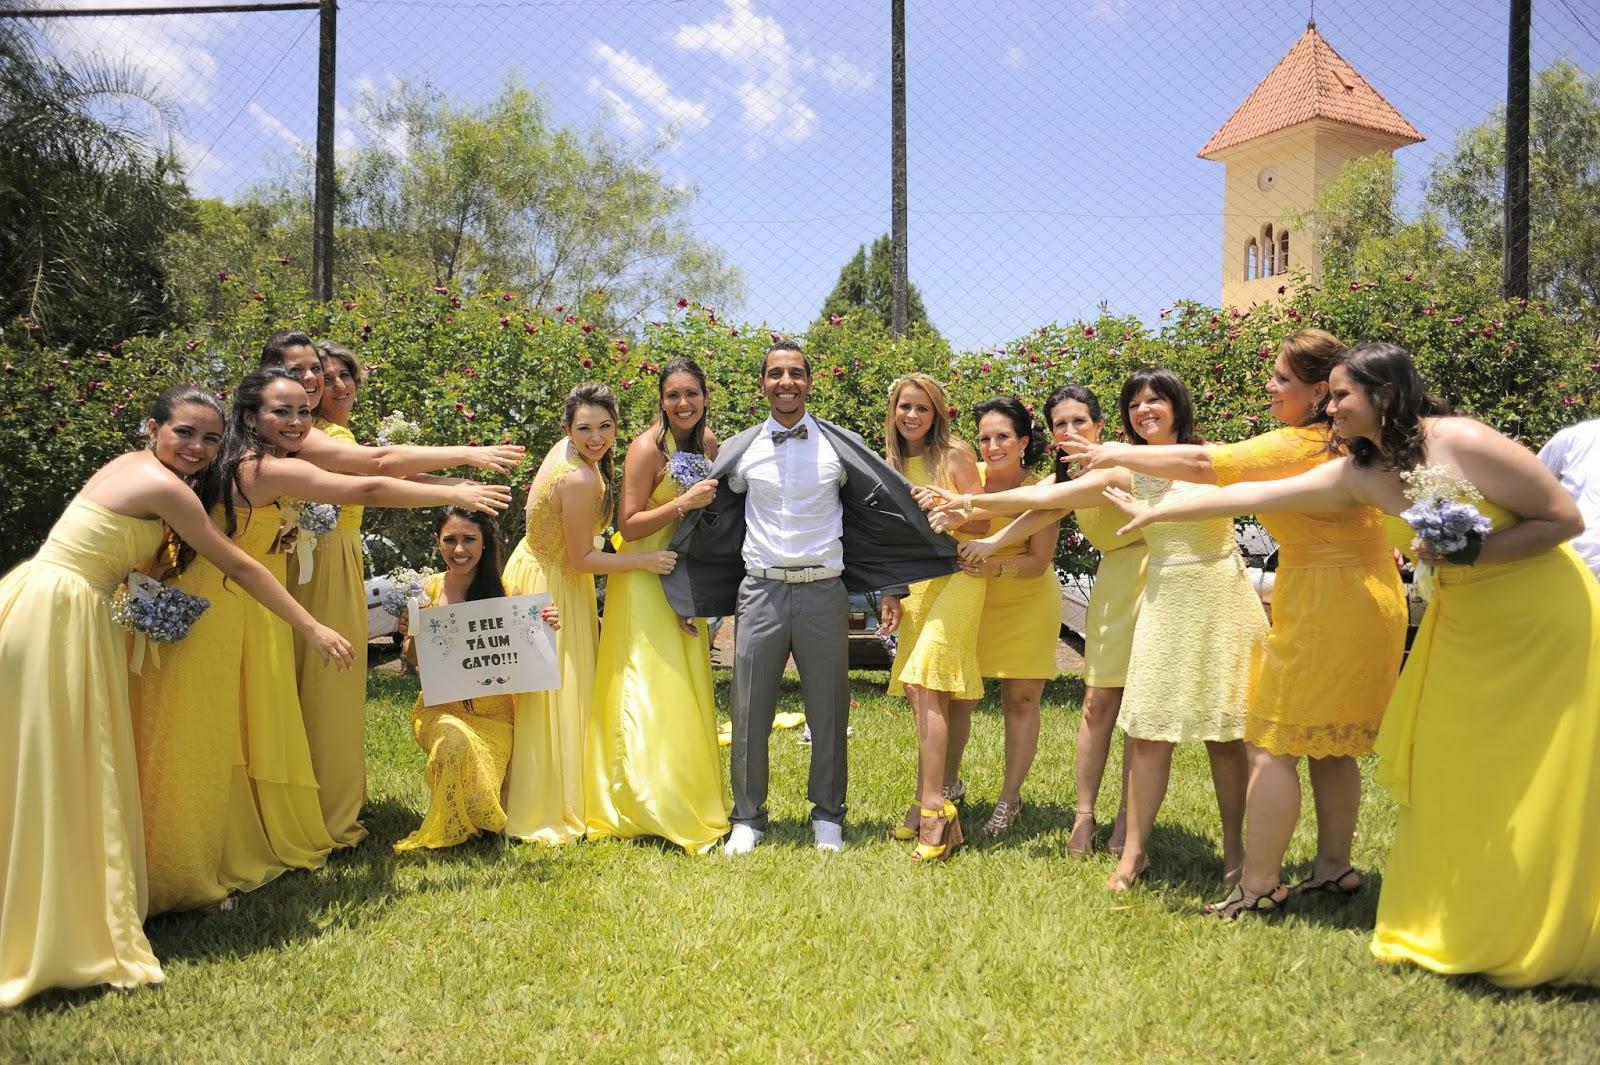 foto-divertida-noivo-madrinhas-casamento-dia-azul-amarelo